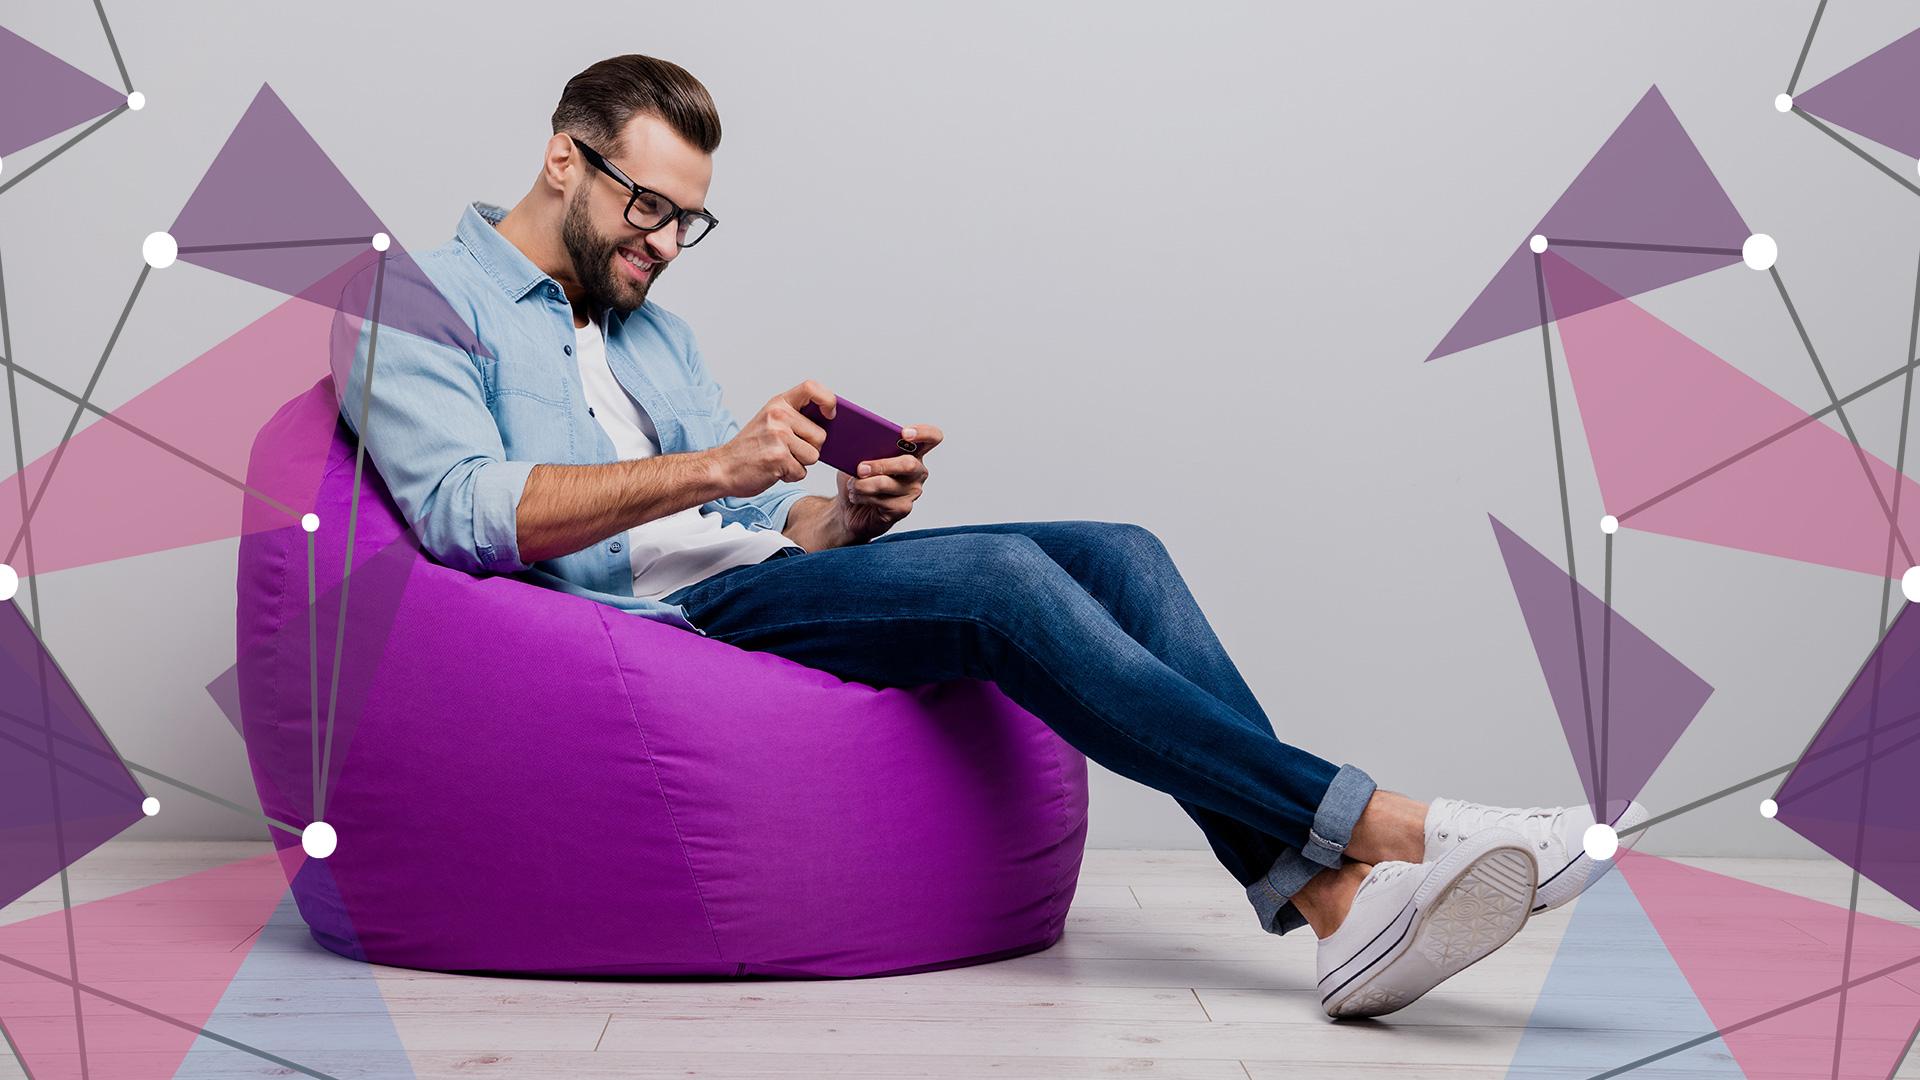 Gamer using mobile broadband for online gaming